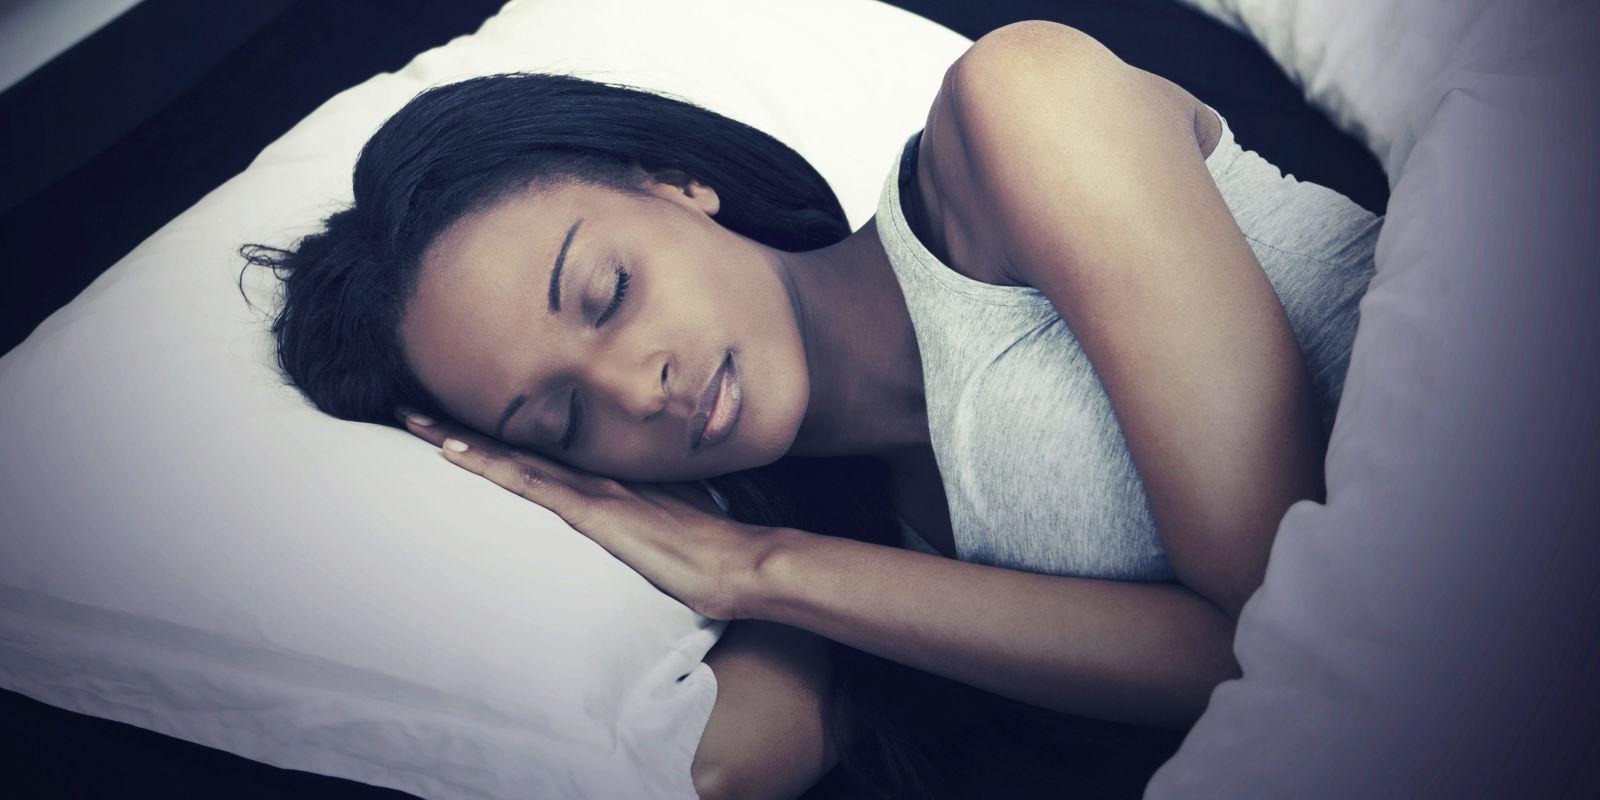 sleeping teen sleeping fuck